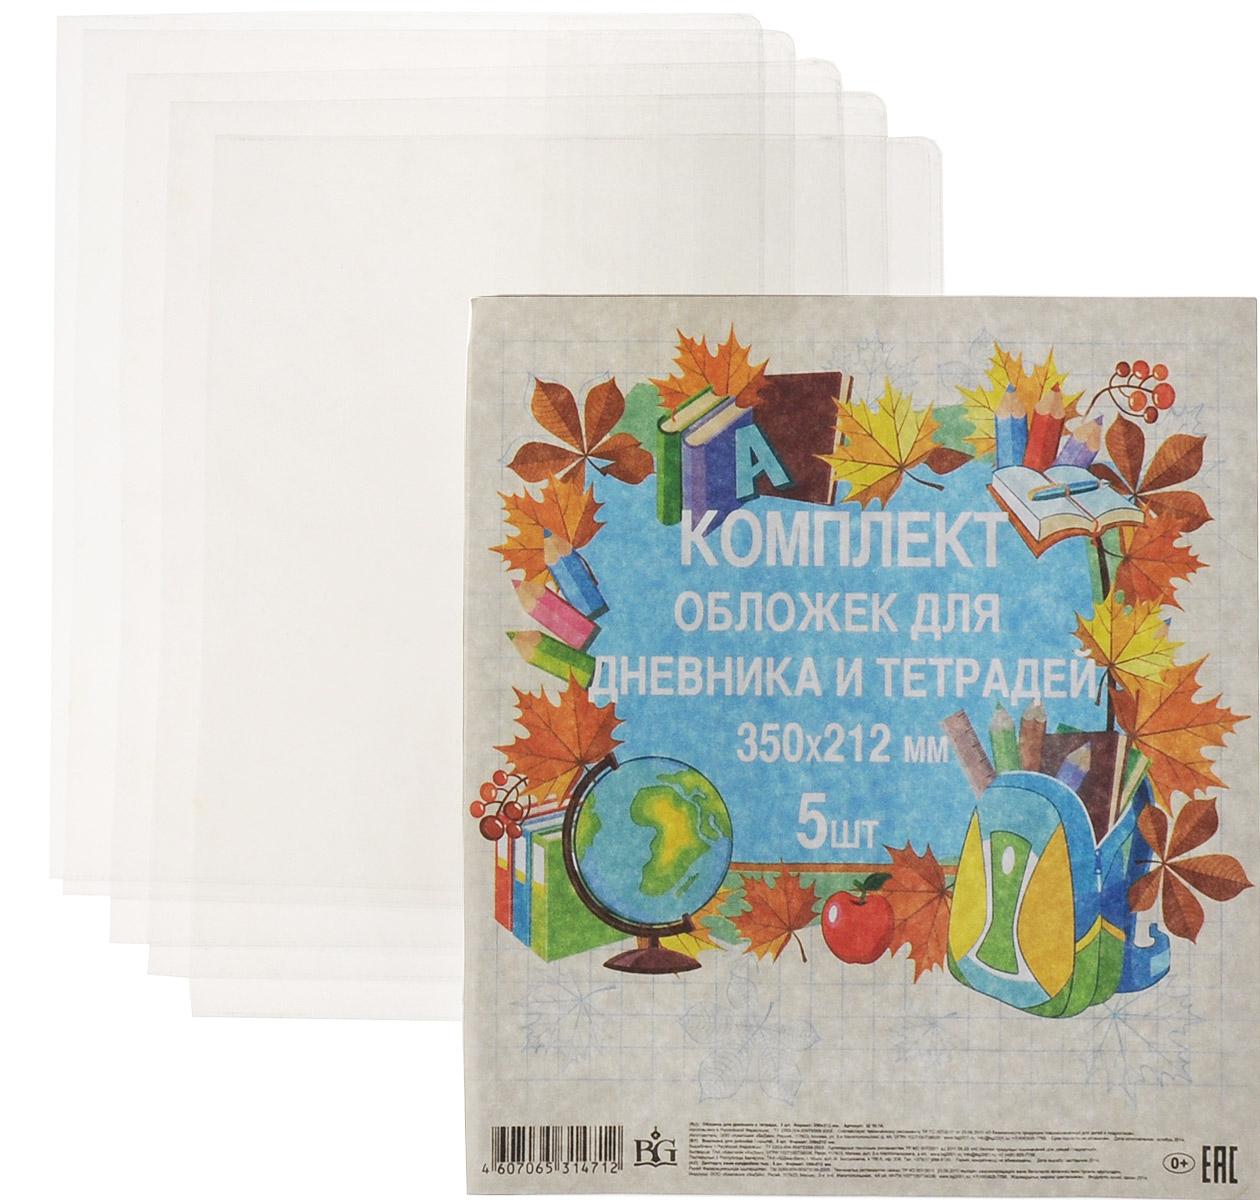 BG Набор обложек для тетрадей и дневников 5 штШ 15.14Прозрачная обложка BG, изготовленная из ПВХ, защитит поверхность тетради или дневника от изнашивания и загрязнений. В набор входят 5 обложек, размером 350 мм х 212 мм.